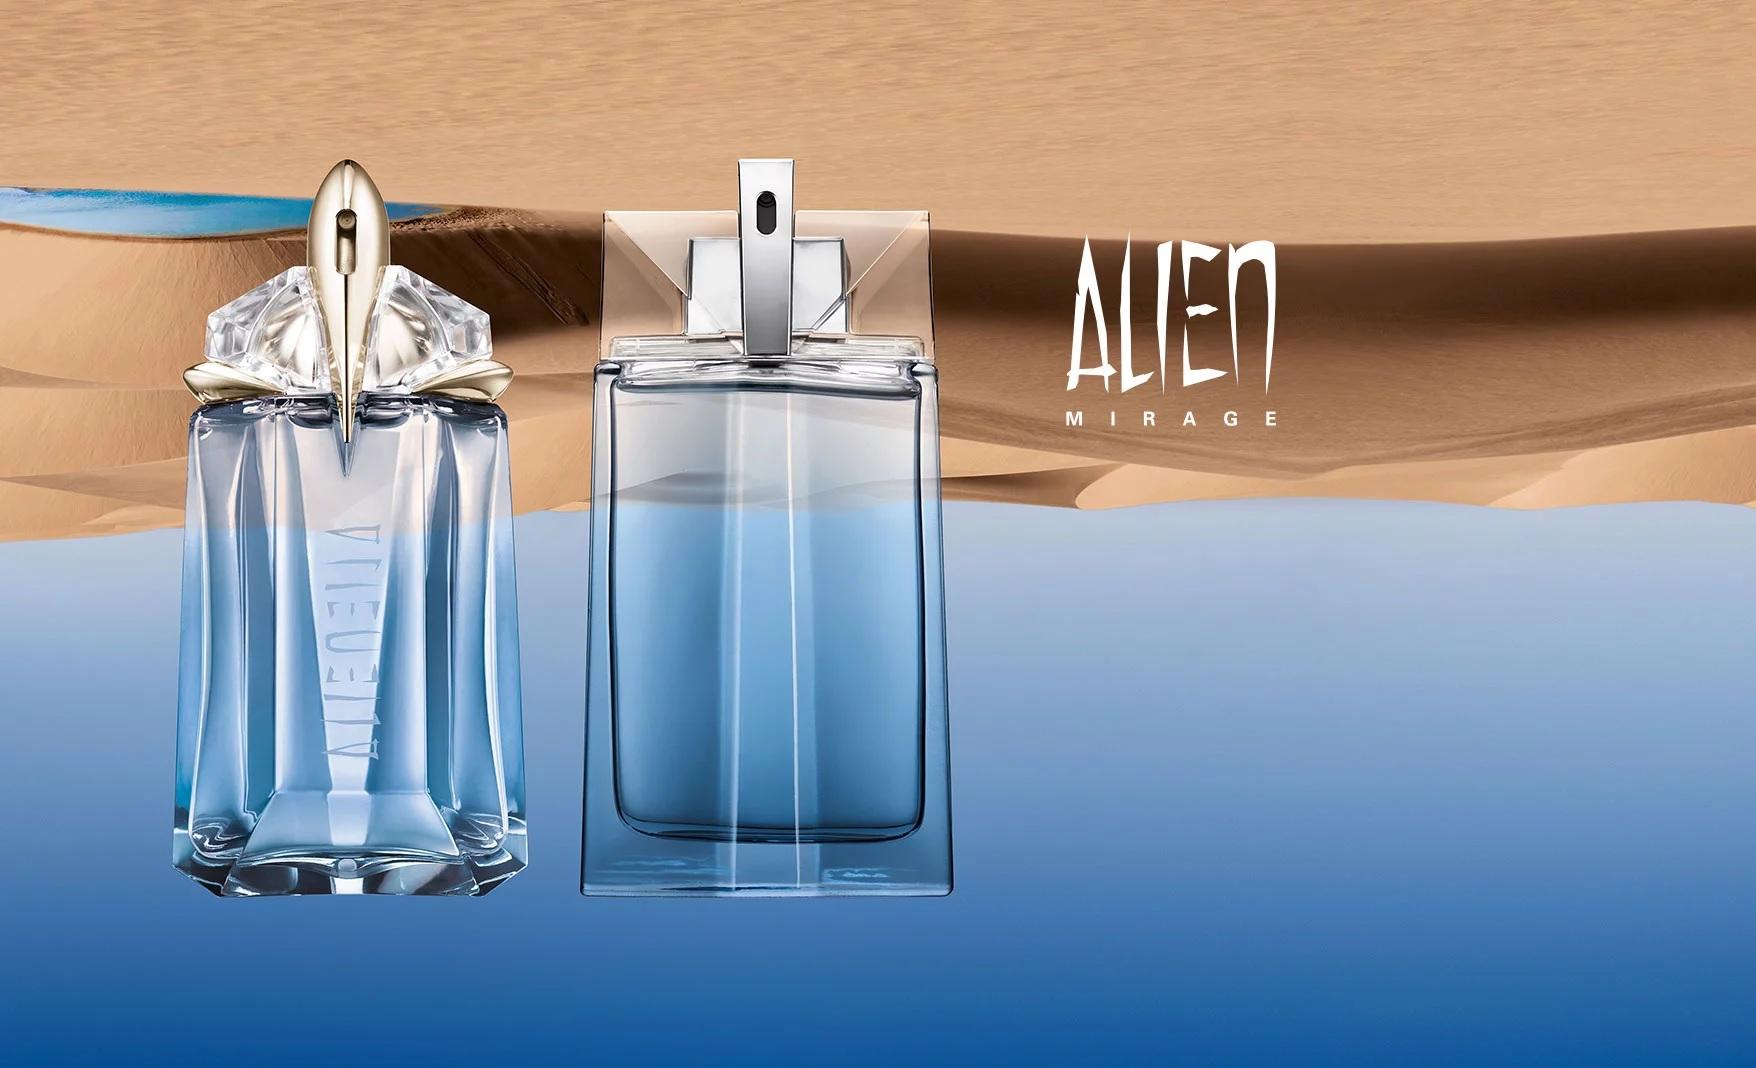 Mugler Alien Mirage ~ New Fragrances